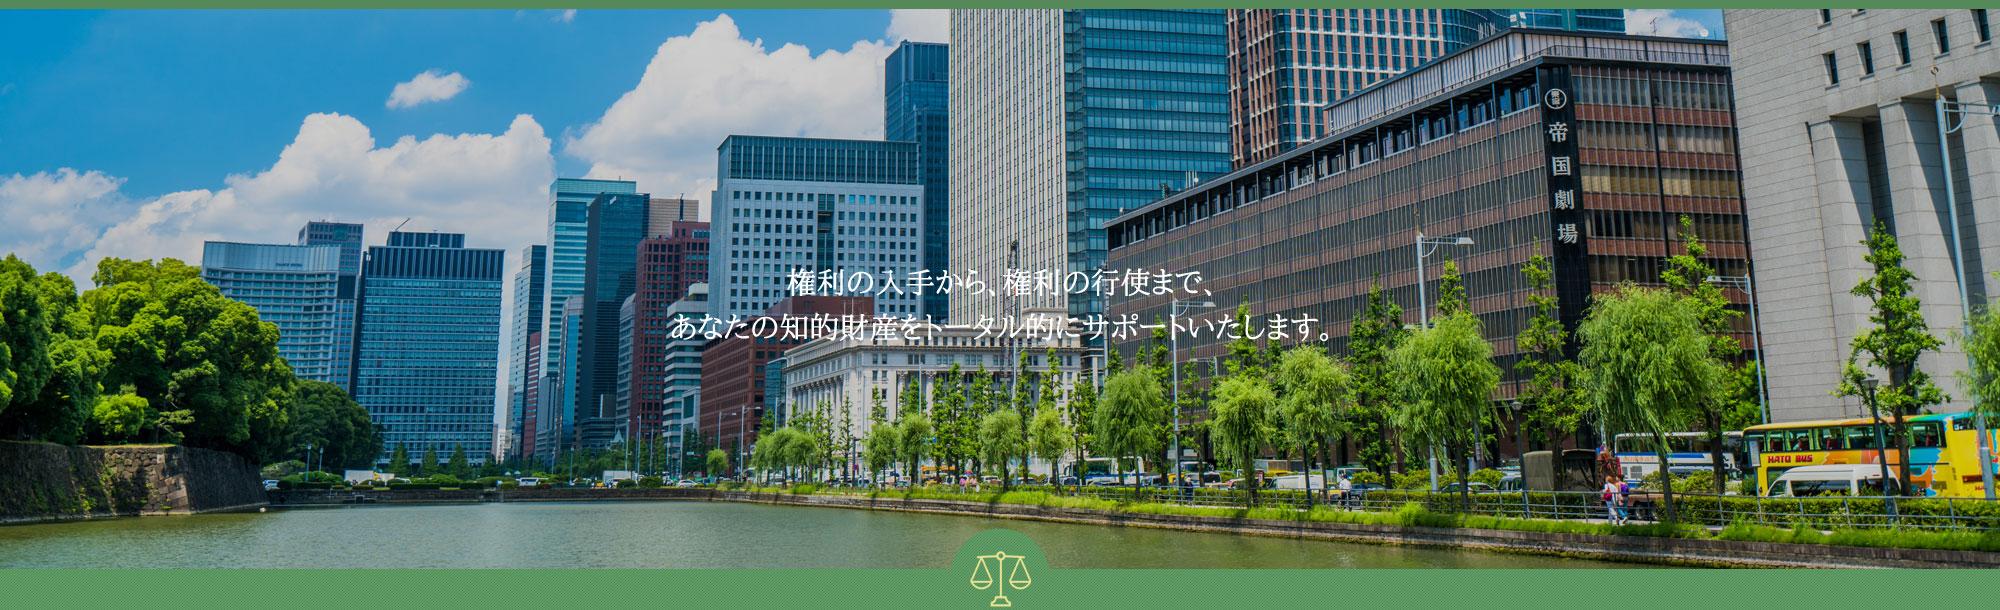 権利の入手から、権利の行使まで、                 あなたの知的財産をトータル的にサポートいたします。